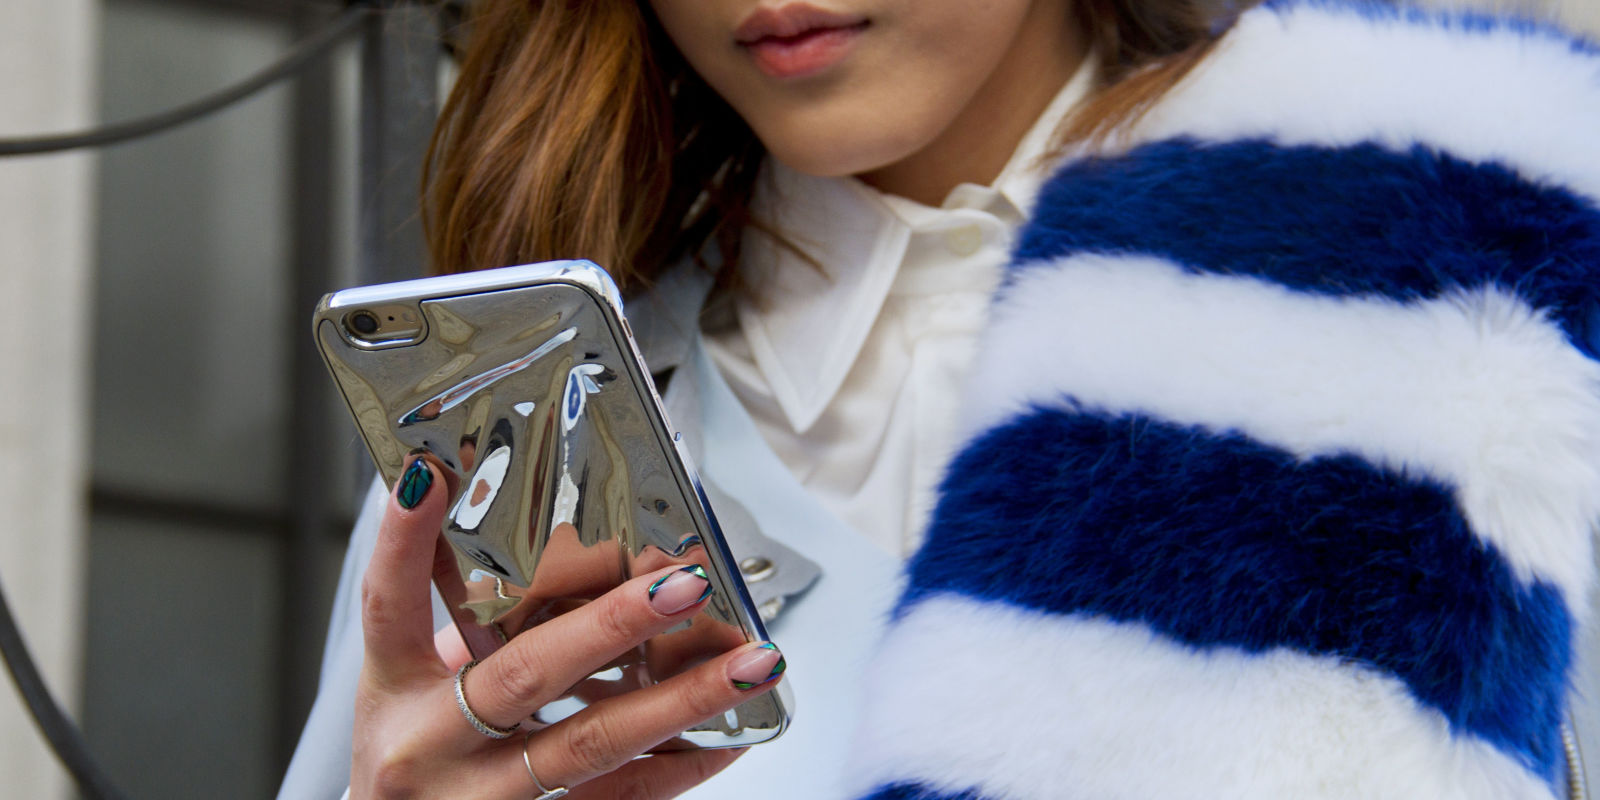 12 Best Online Shopping Apps In 2017   Mobile Apps For Easier Shopping  Online